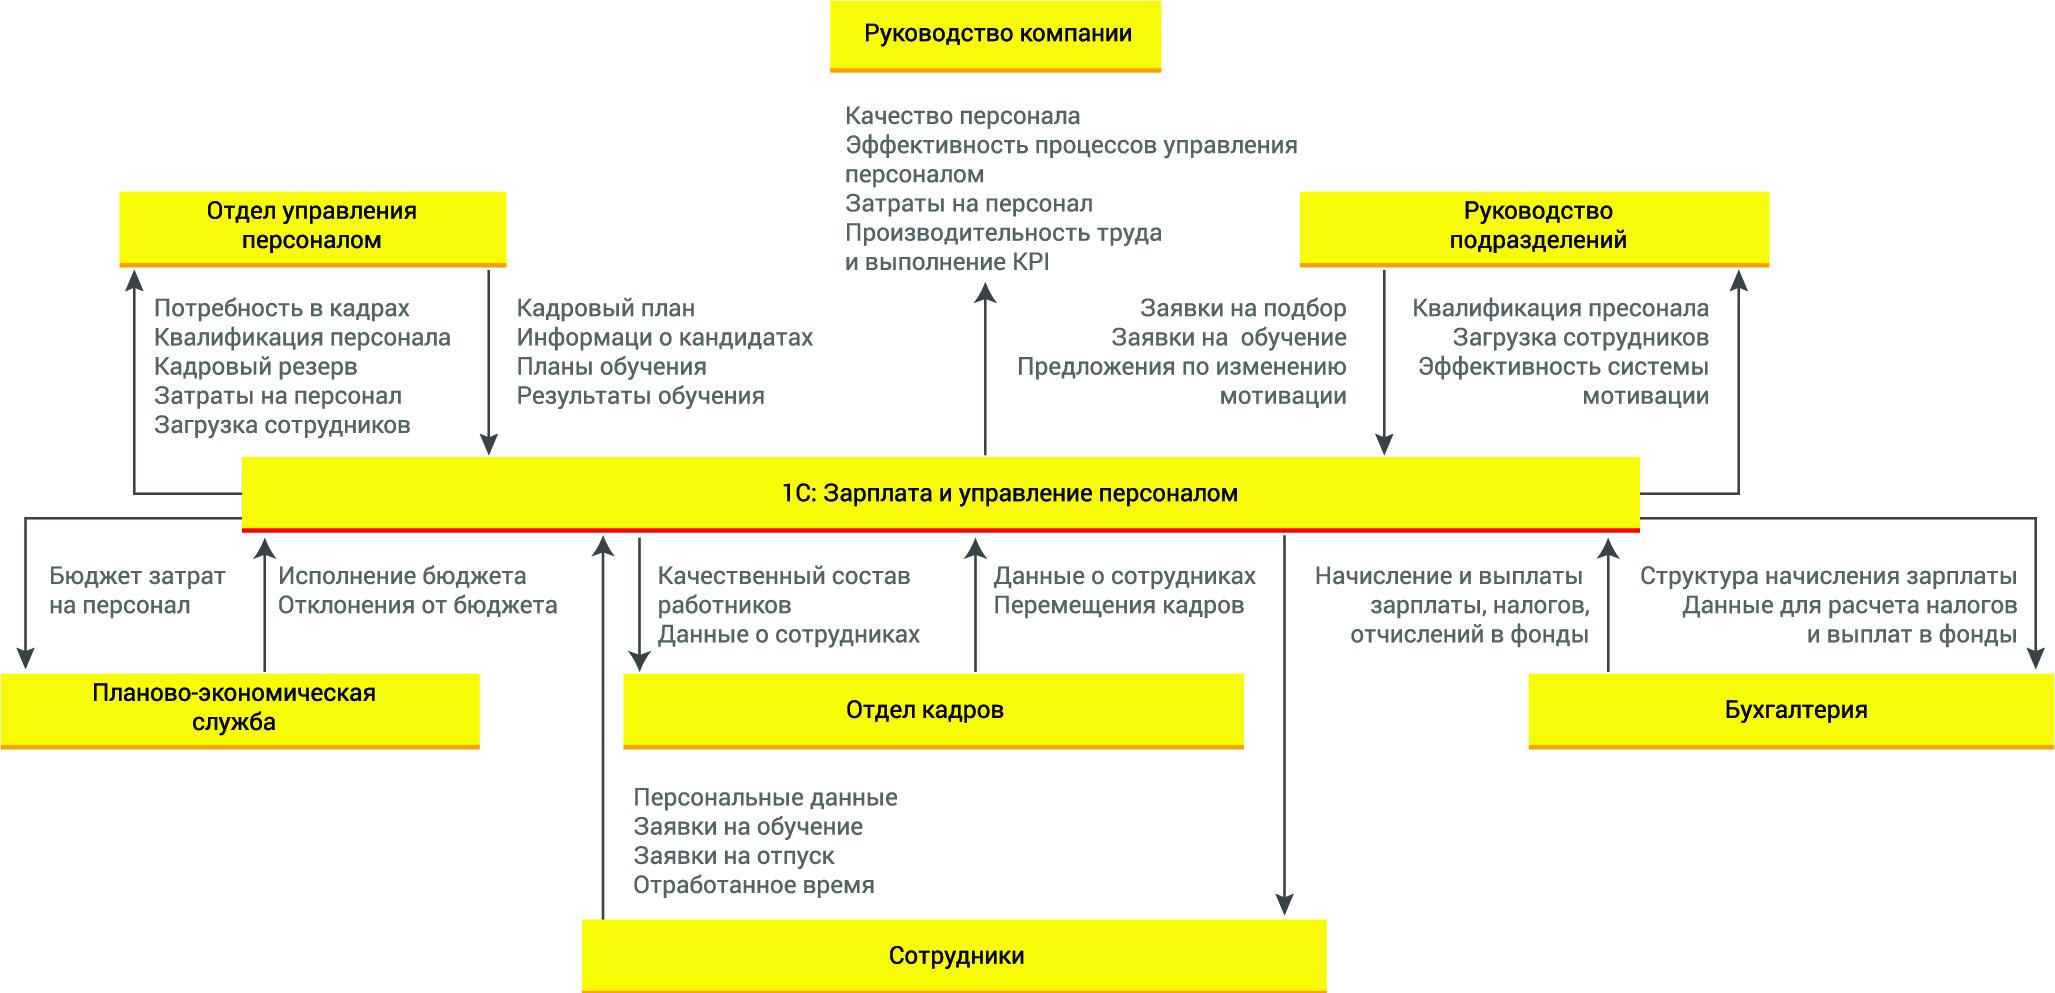 tablica_upr_pers